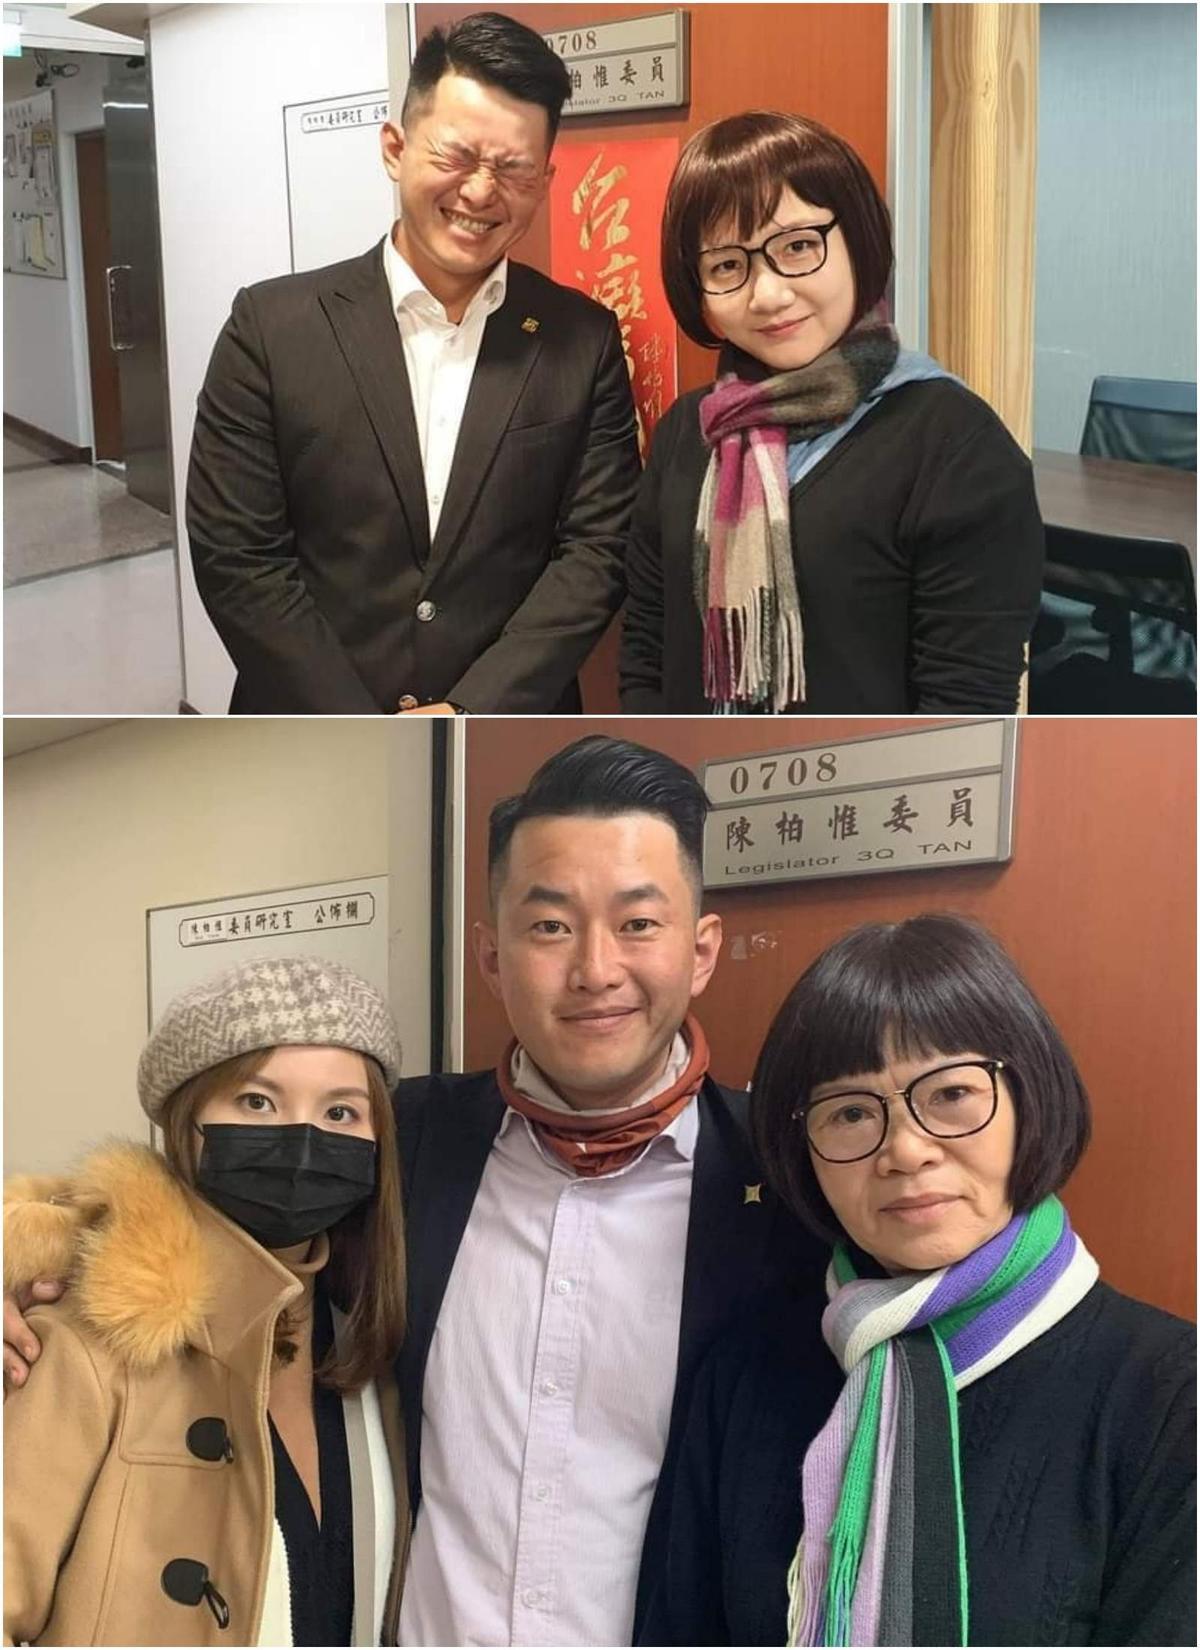 陳柏惟辦公室主任(上圖右)萬聖節玩變裝,竟真的「扮你媽」(下圖右),笑翻許多網友。(取自陳柏惟臉書)